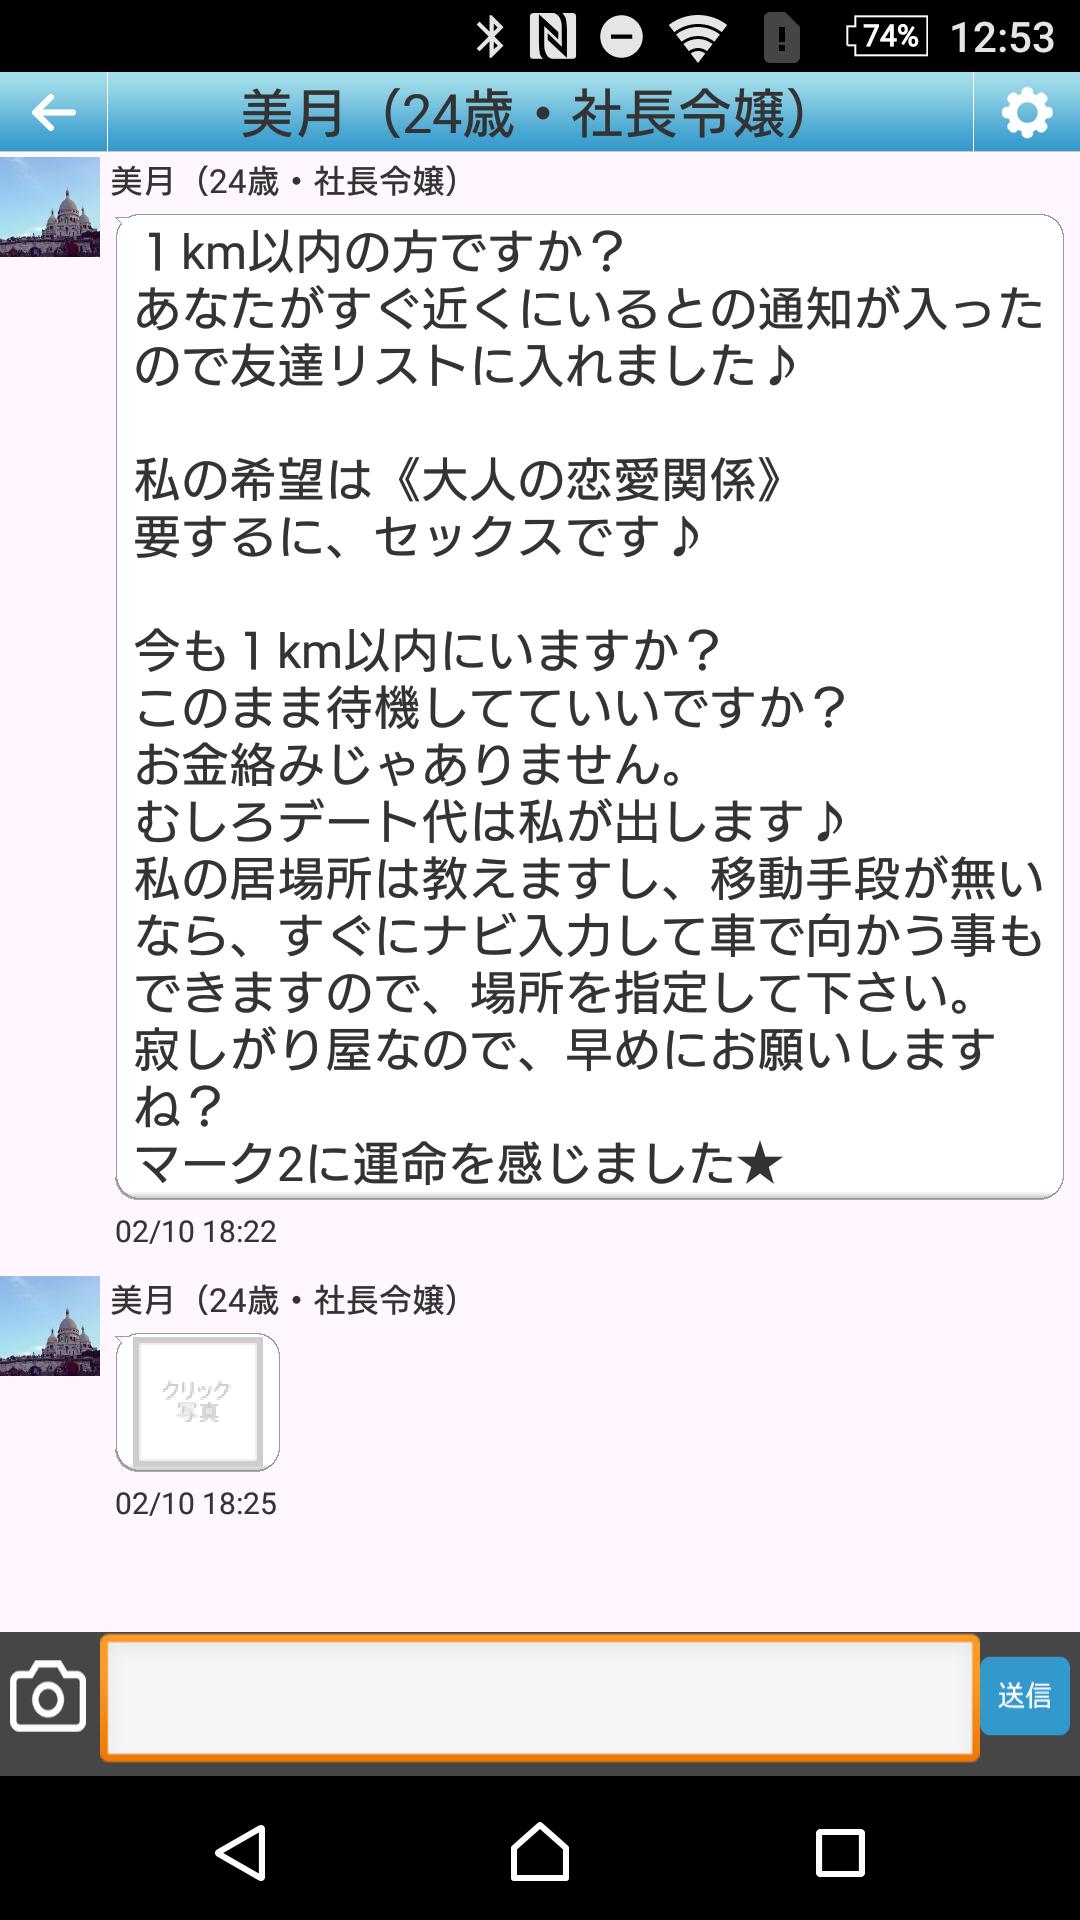 悪質出会い系アプリIDメンバーズサクラの美月(24歳・社長令嬢)